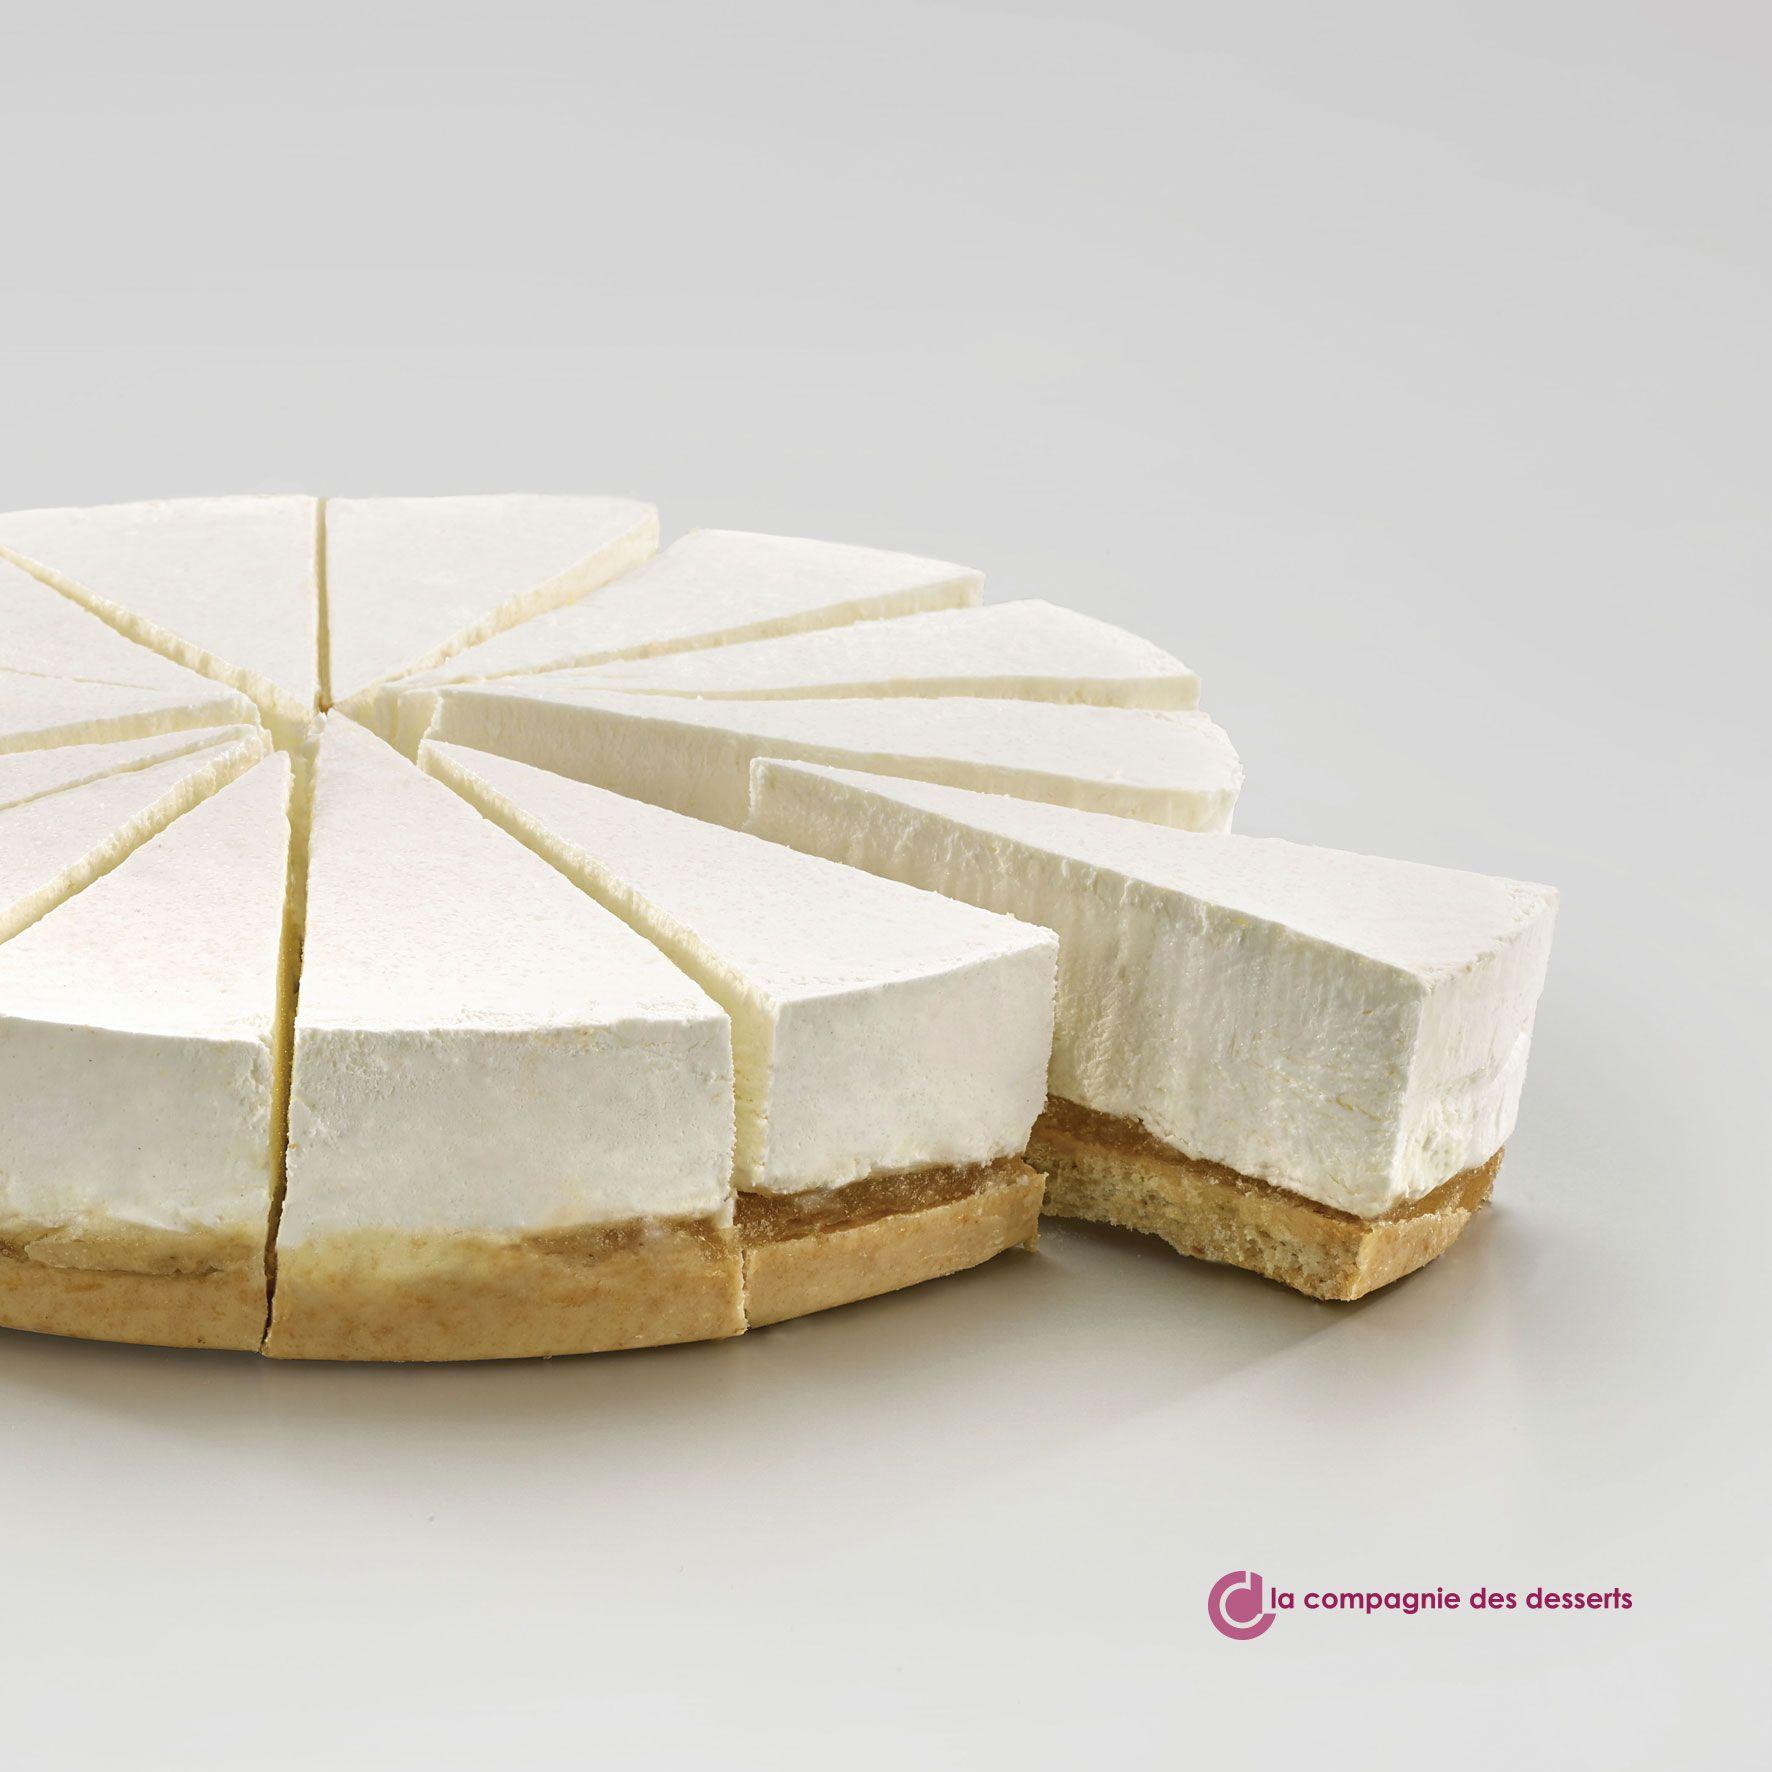 Gateau au fromage frais de campagne